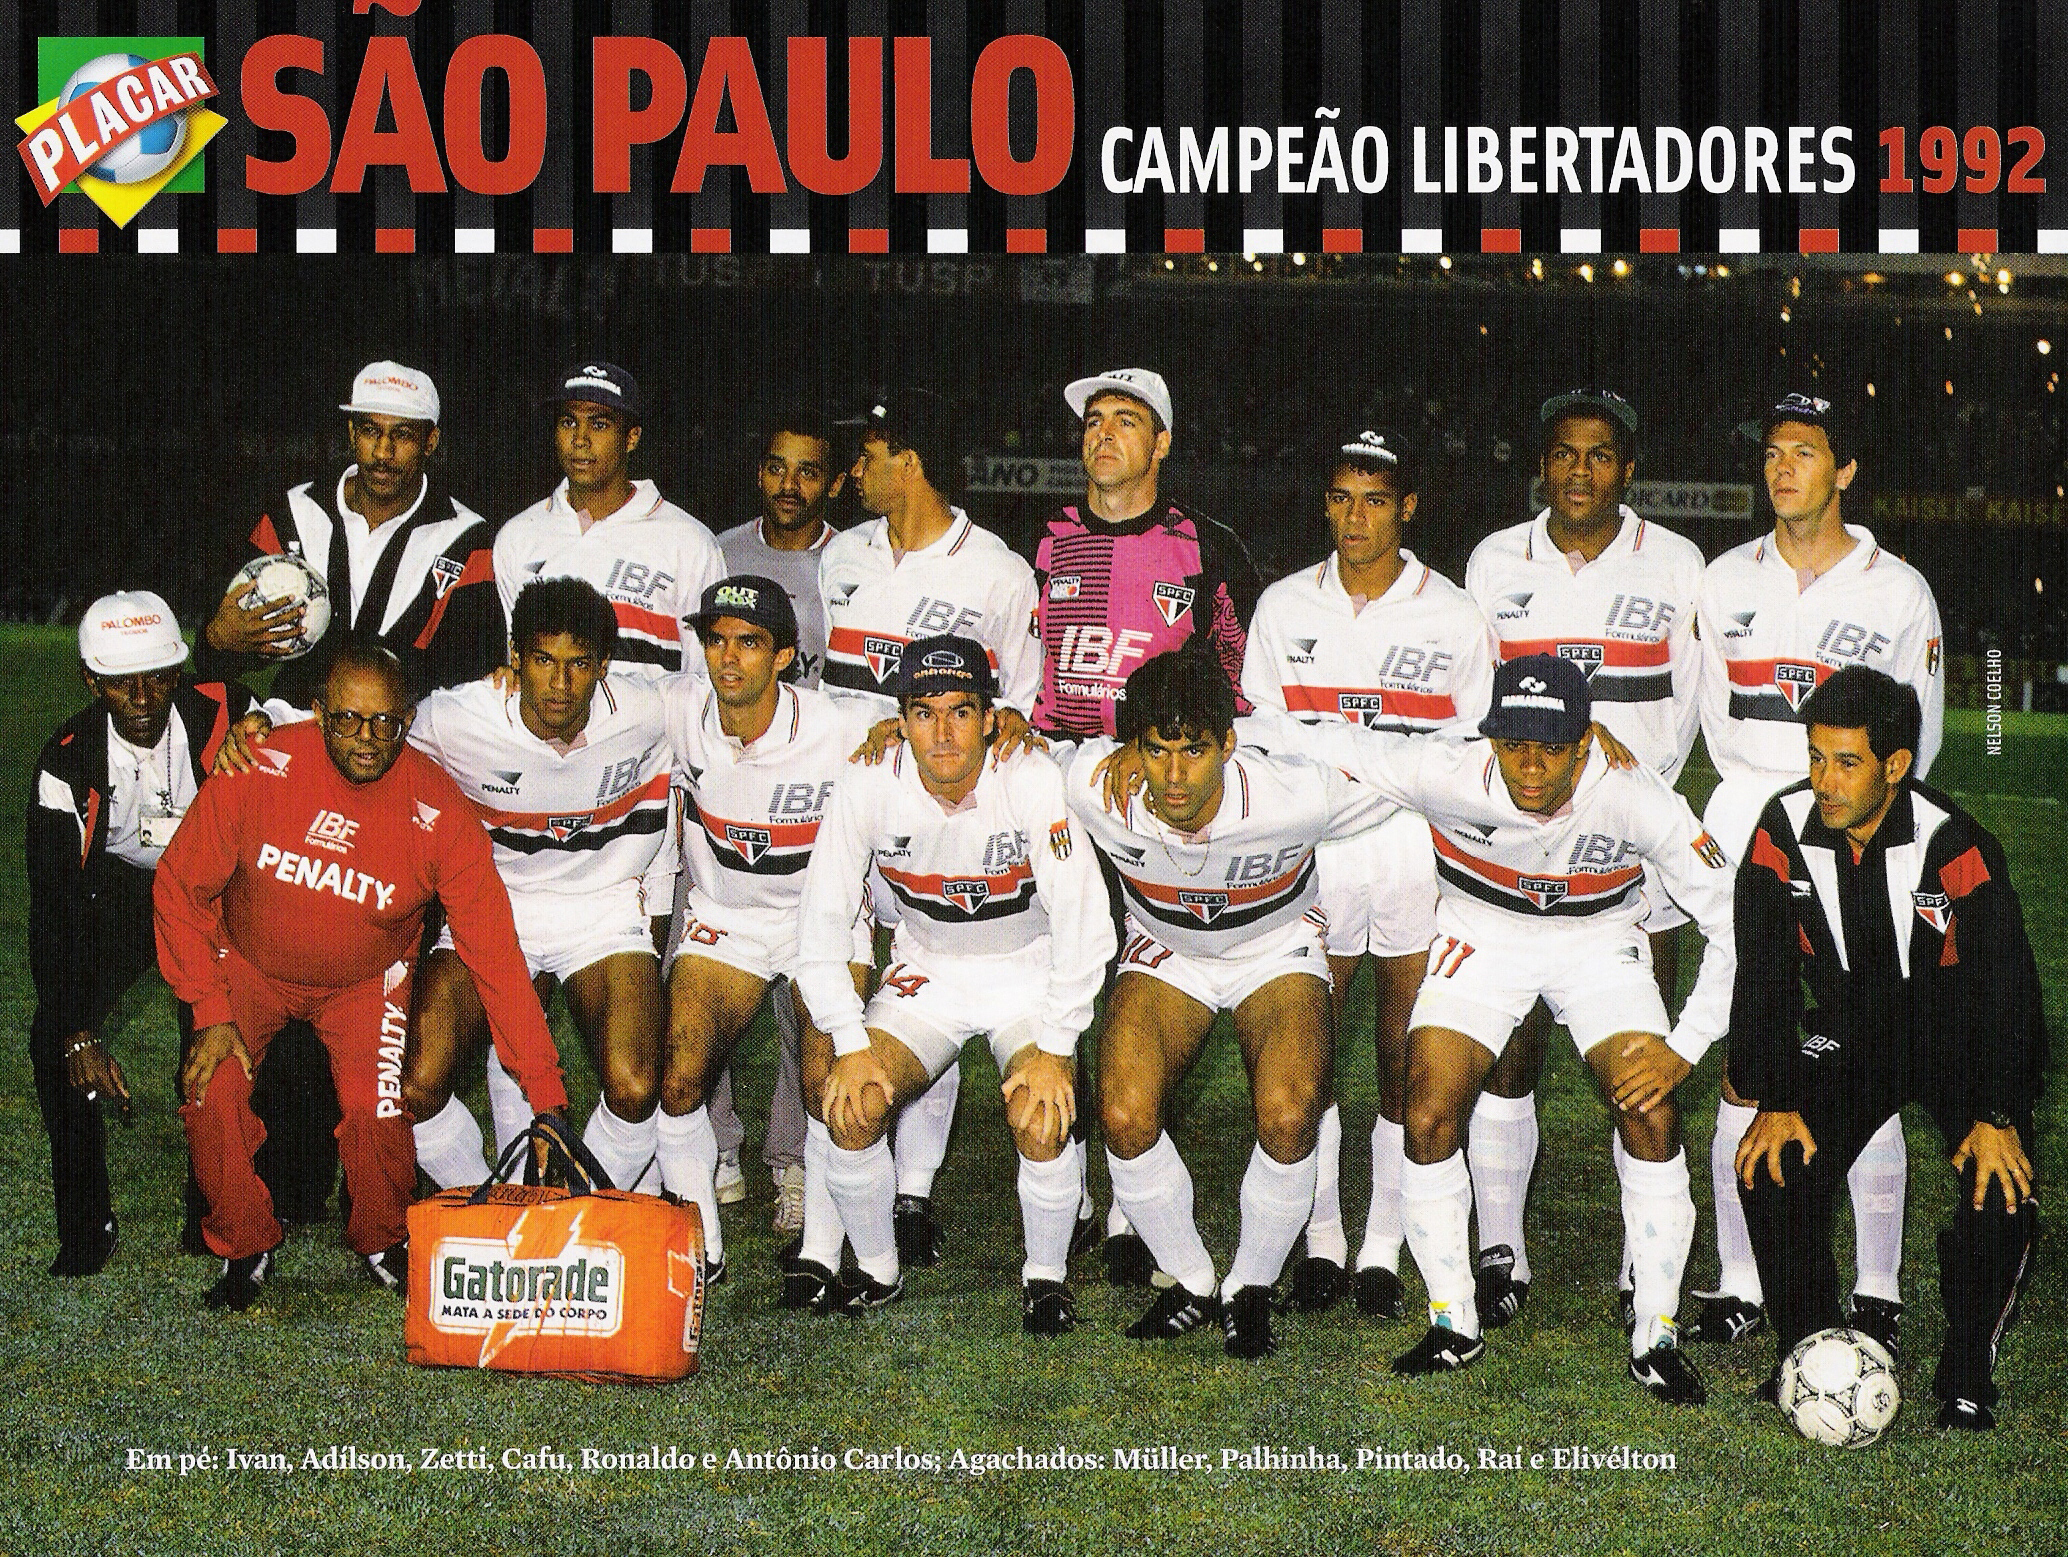 São Paulo (1992)